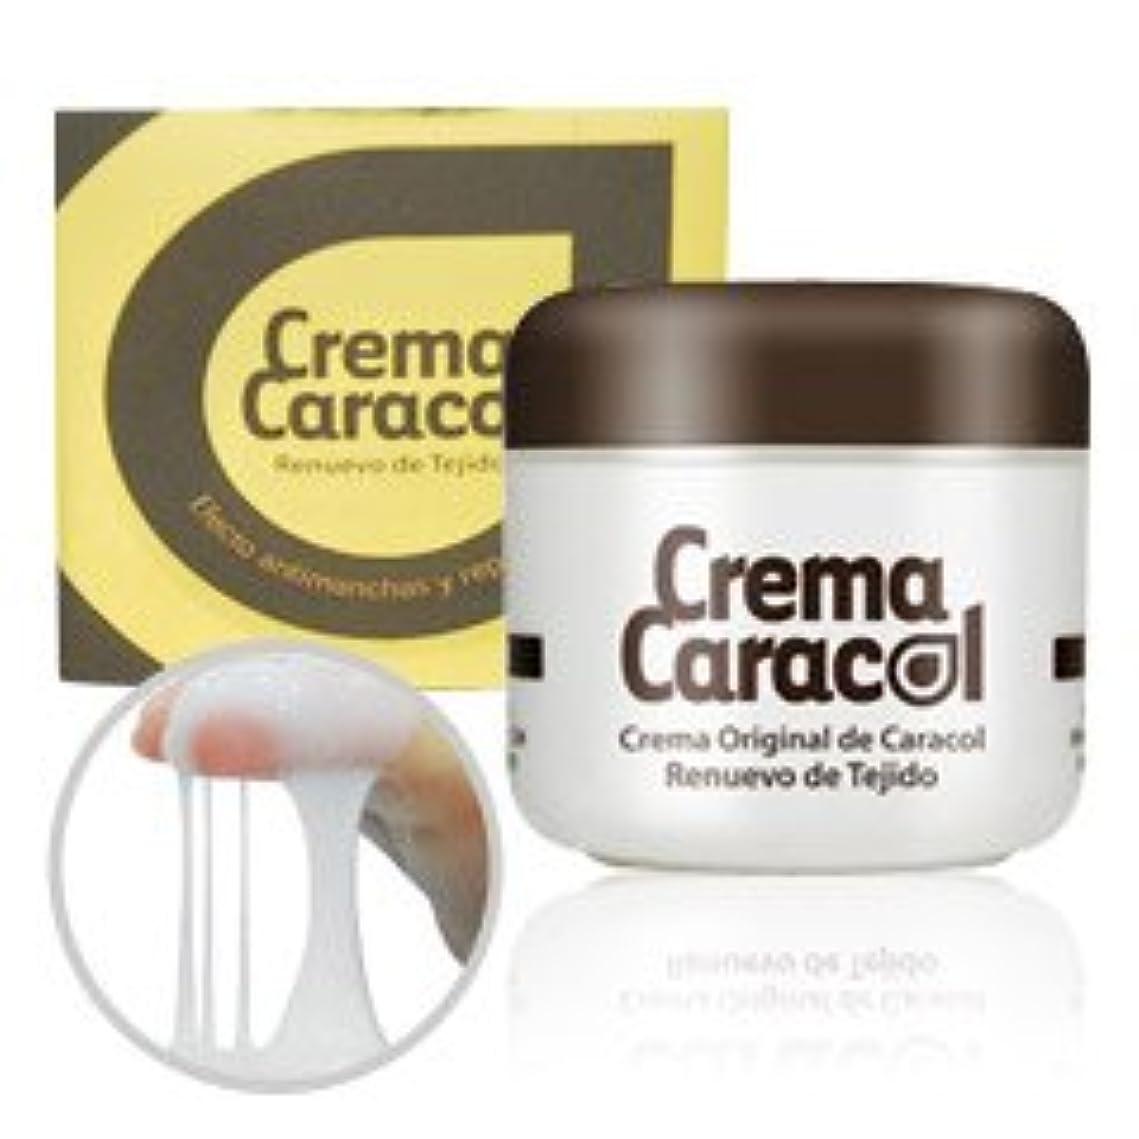 後継ズームインする蒸気crema caracol(カラコール) かたつむりクリーム 3個セット